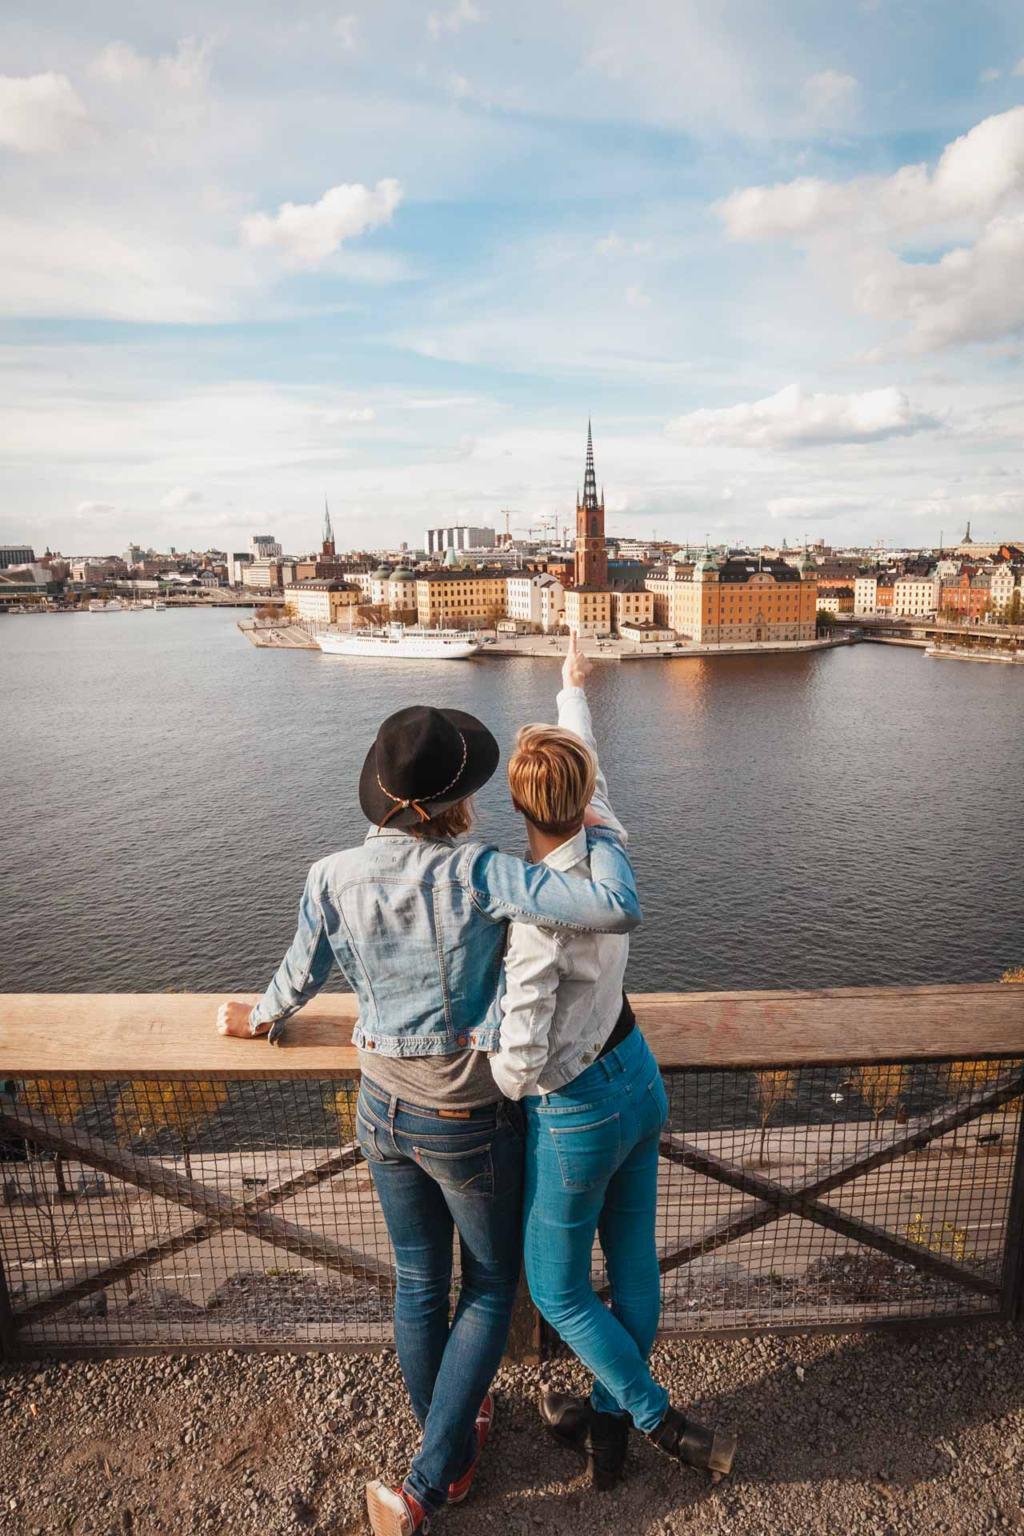 Monteliusvägen, Södermalm, Stockholm